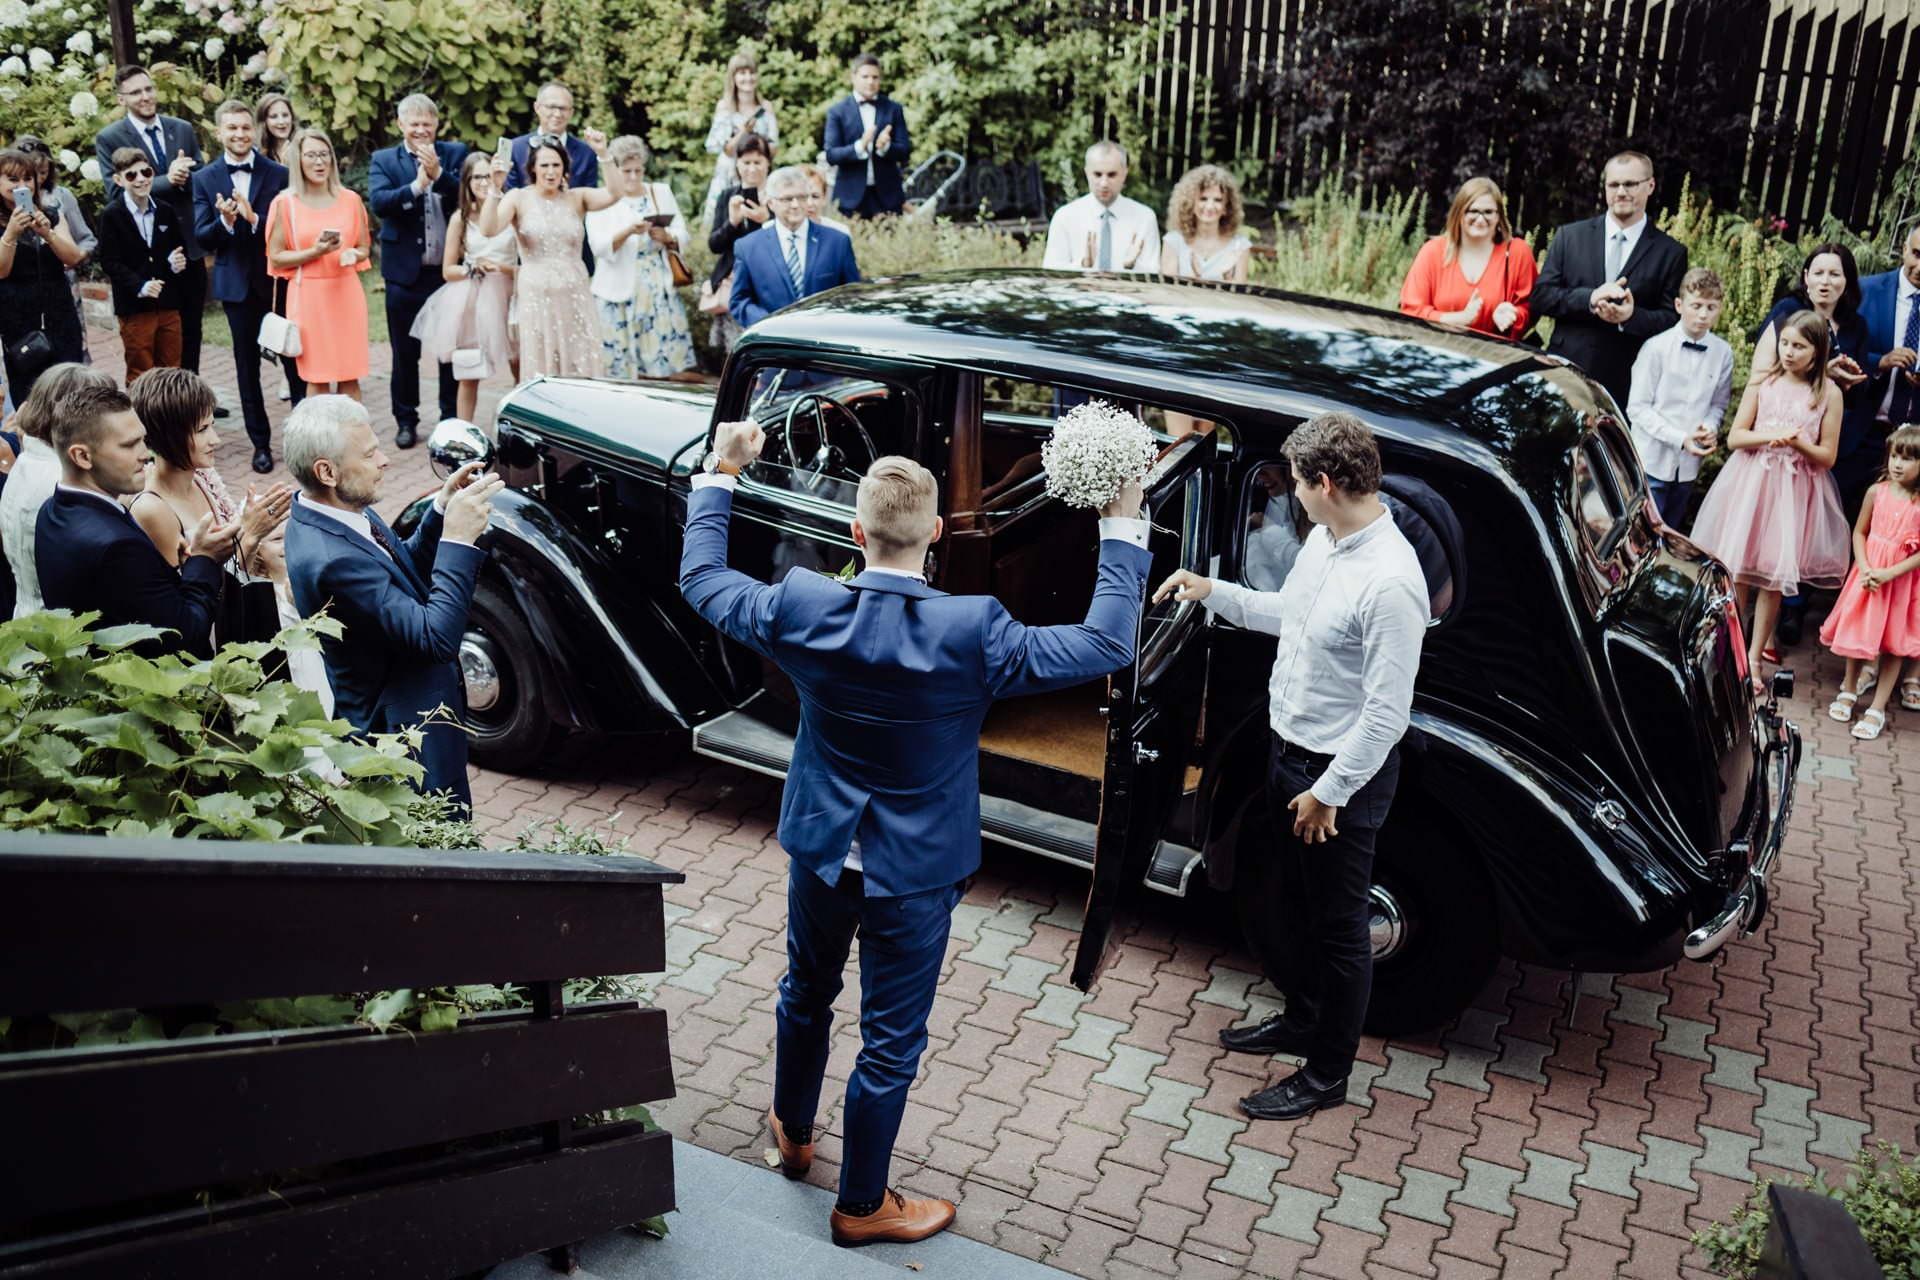 ucieranie Treści wesele